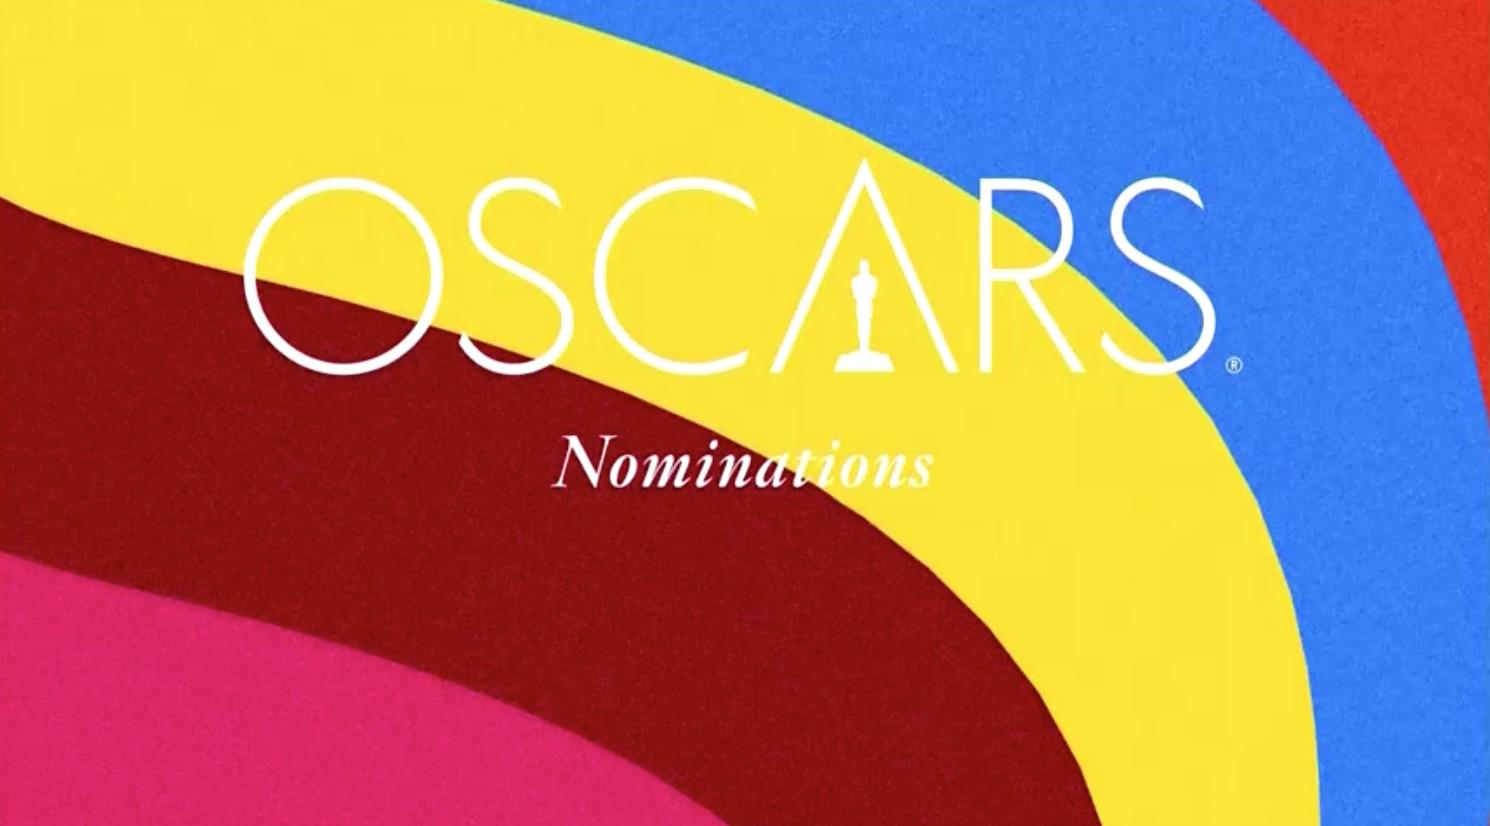 Các đề cử giải Oscar: 'Mank' dẫn đầu với 10 giải